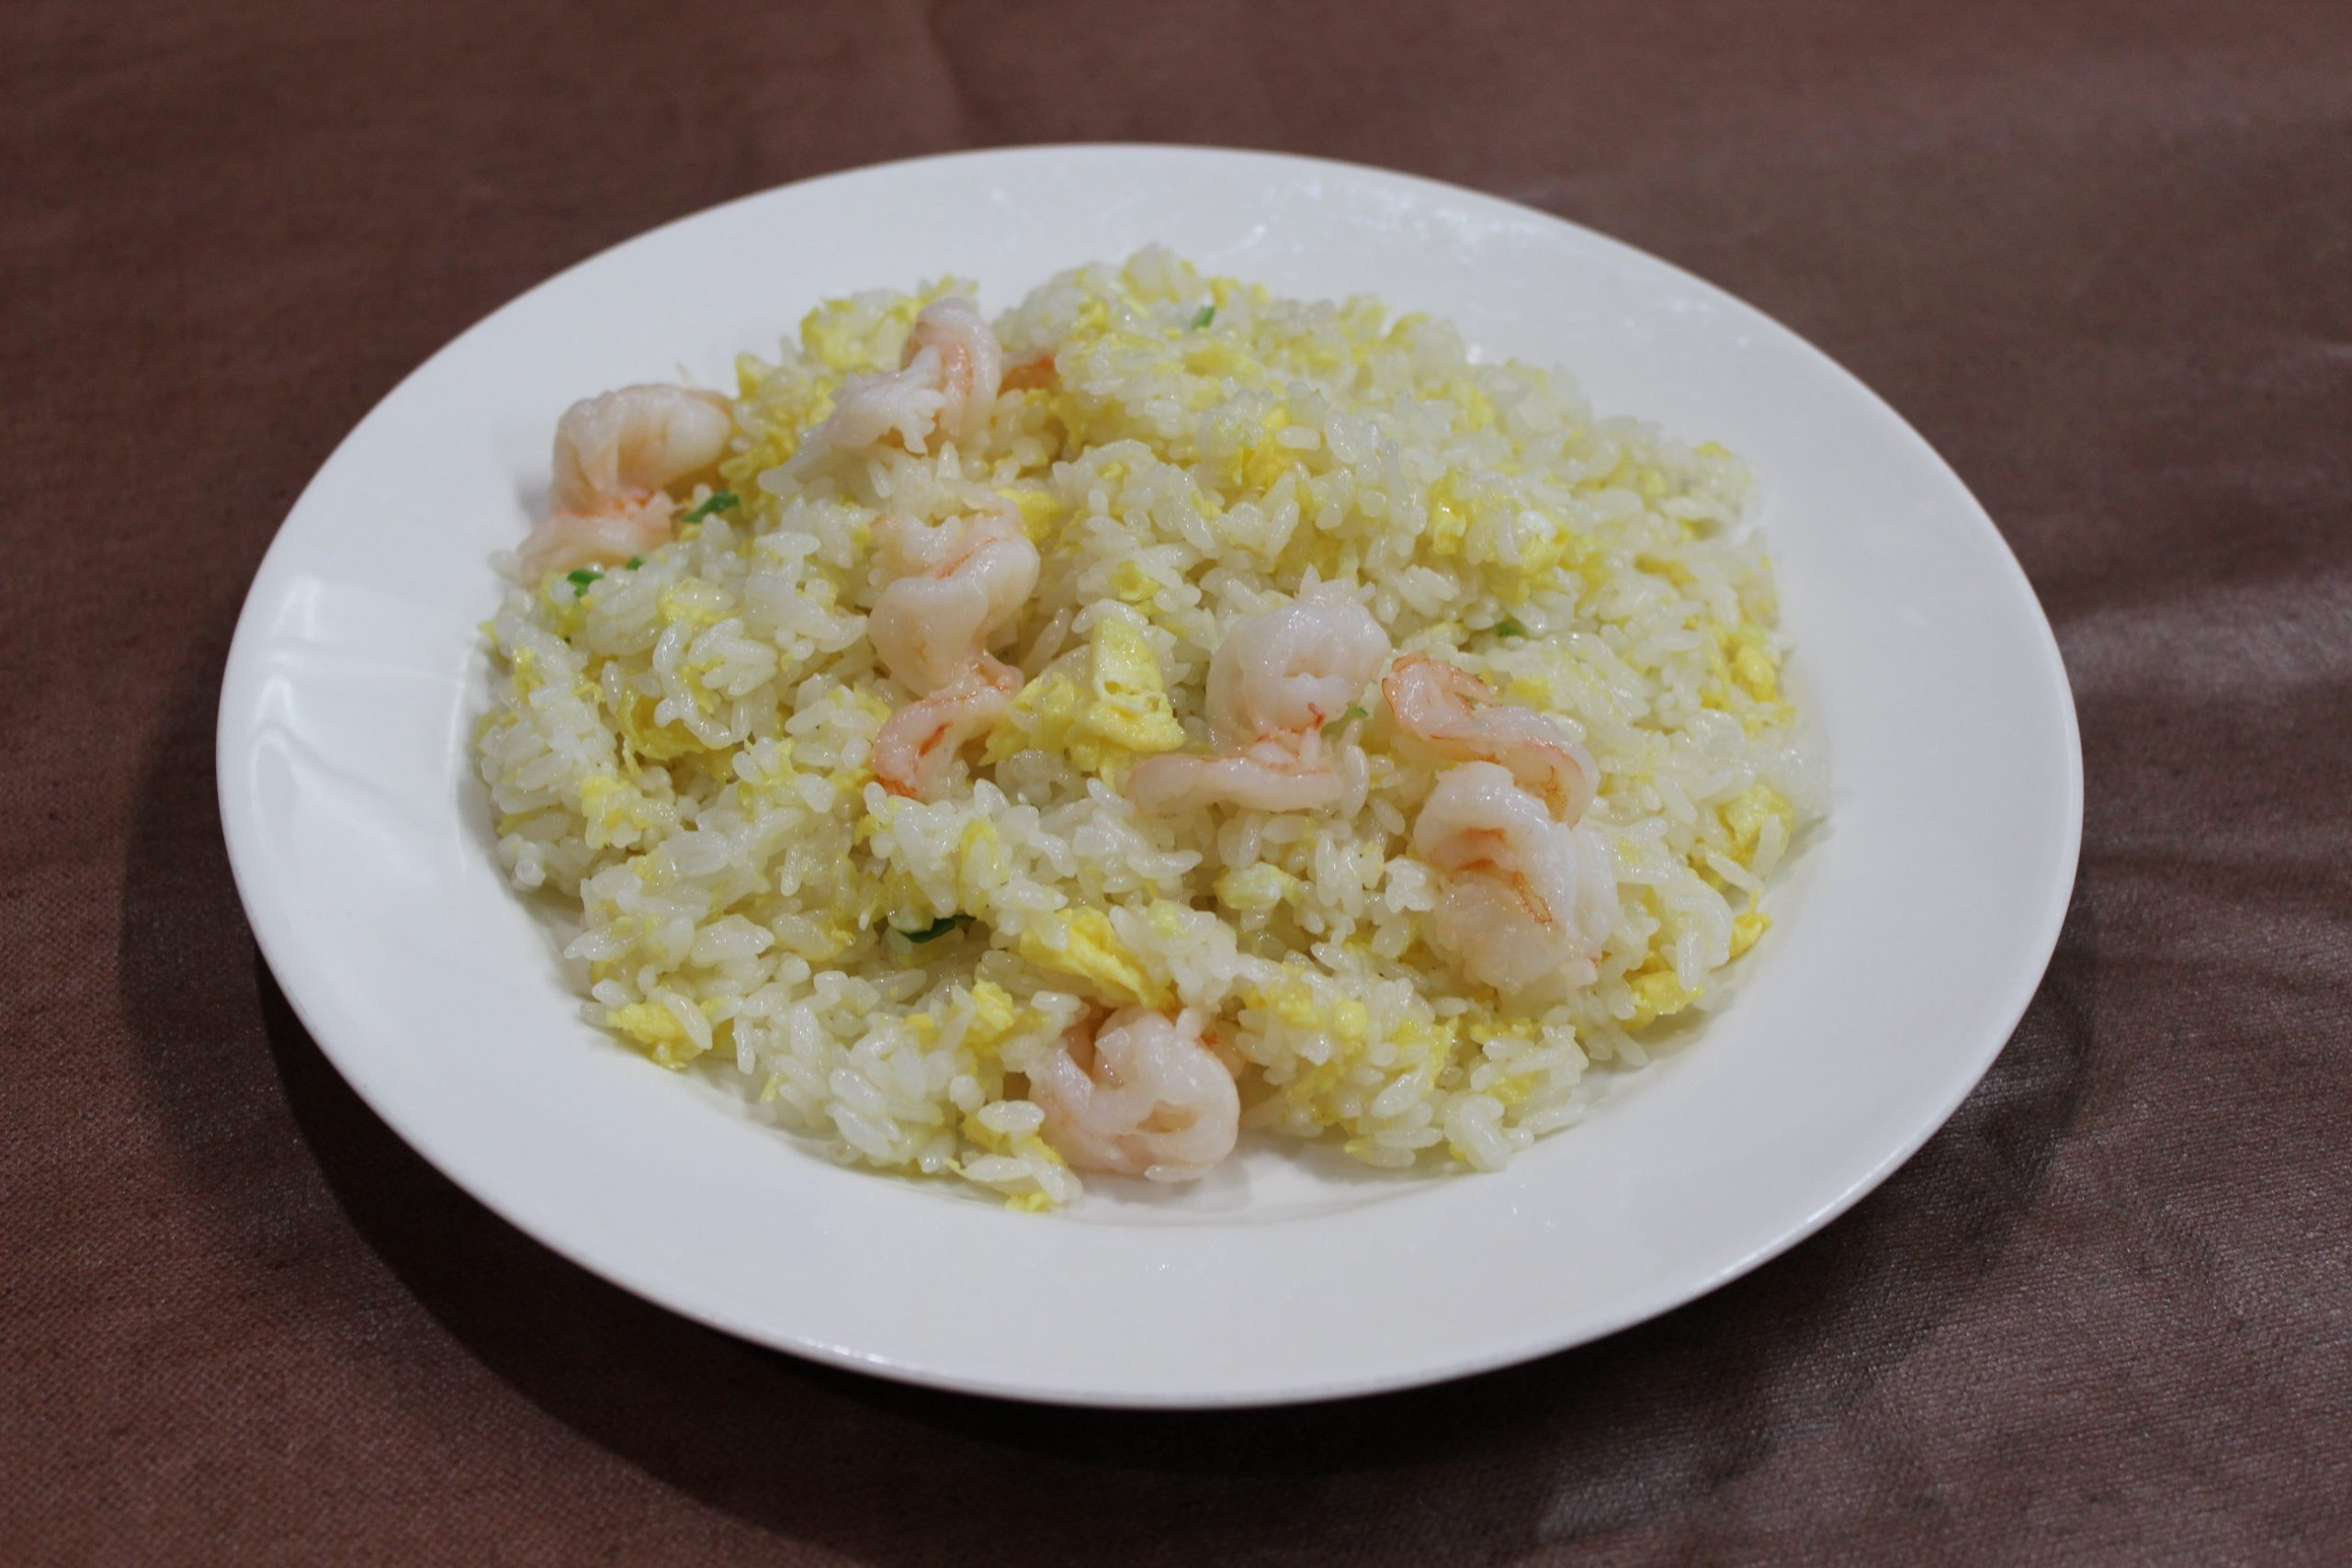 【蝦仁炒飯】海老入りチャーハン